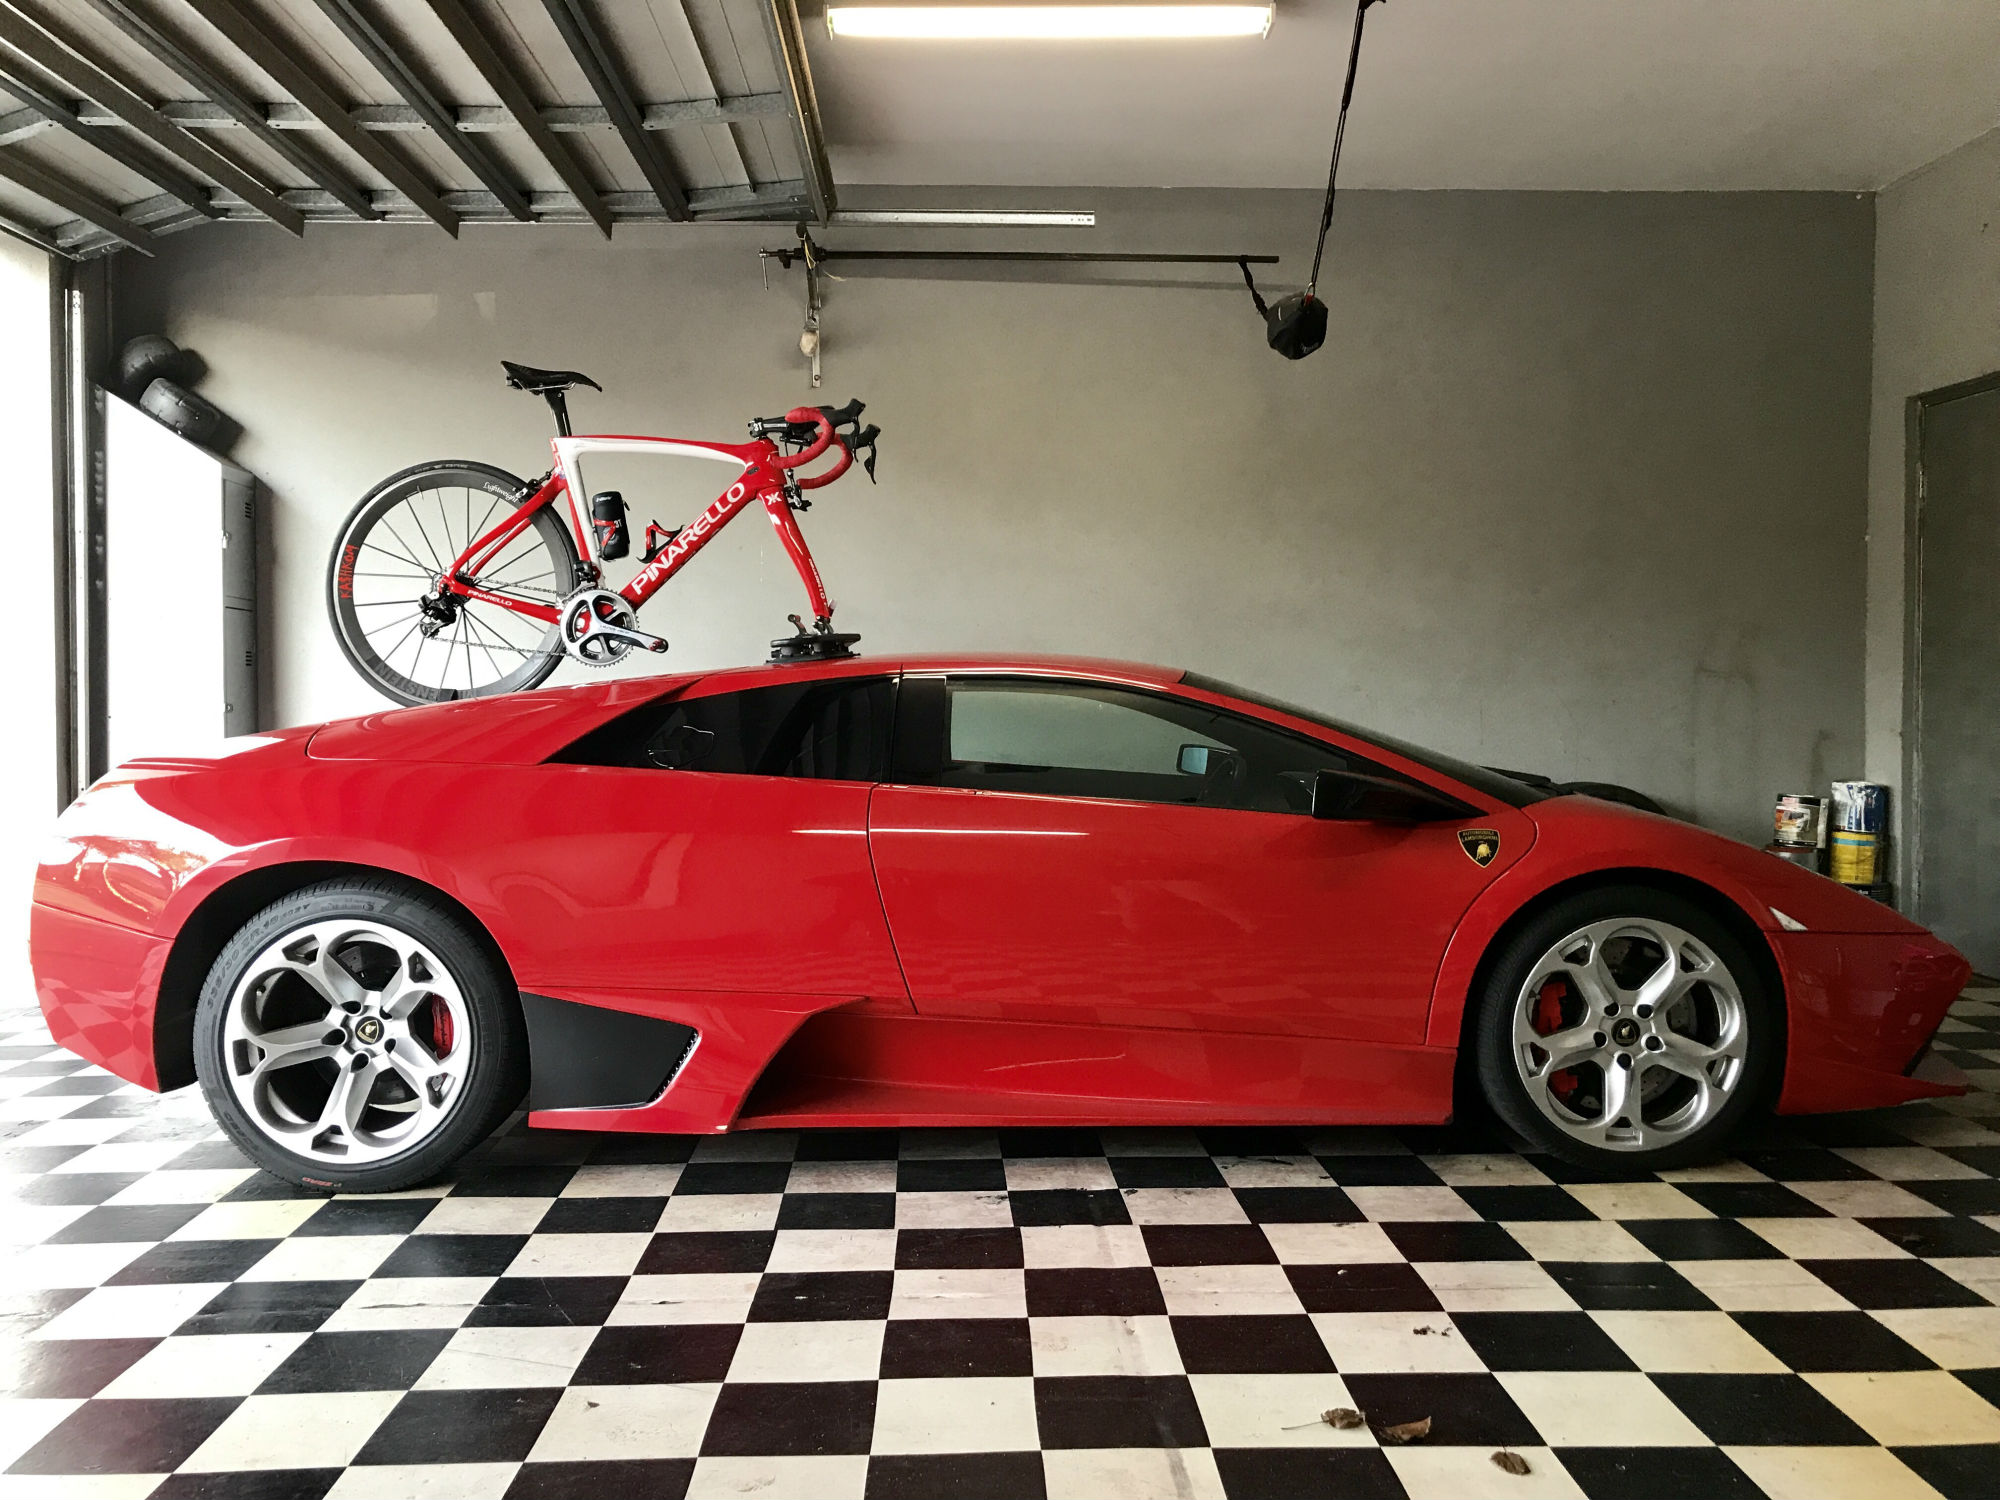 Lamborghini Murcielago Bike Rack Part 1 Seasucker Down Under